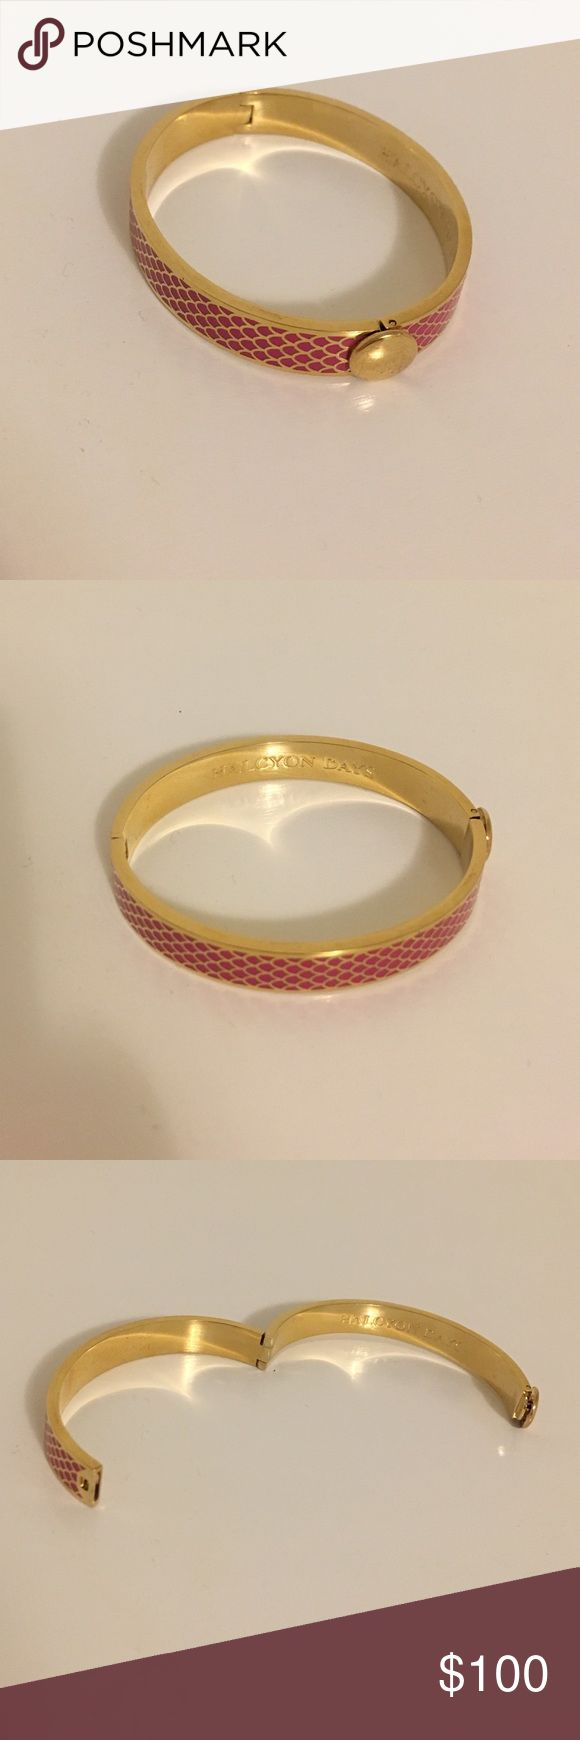 Halcyon Days pink and gold bracelet Halcyon Days pink and gold bracelet, never worn Halcyon Days Jewelry Bracelets